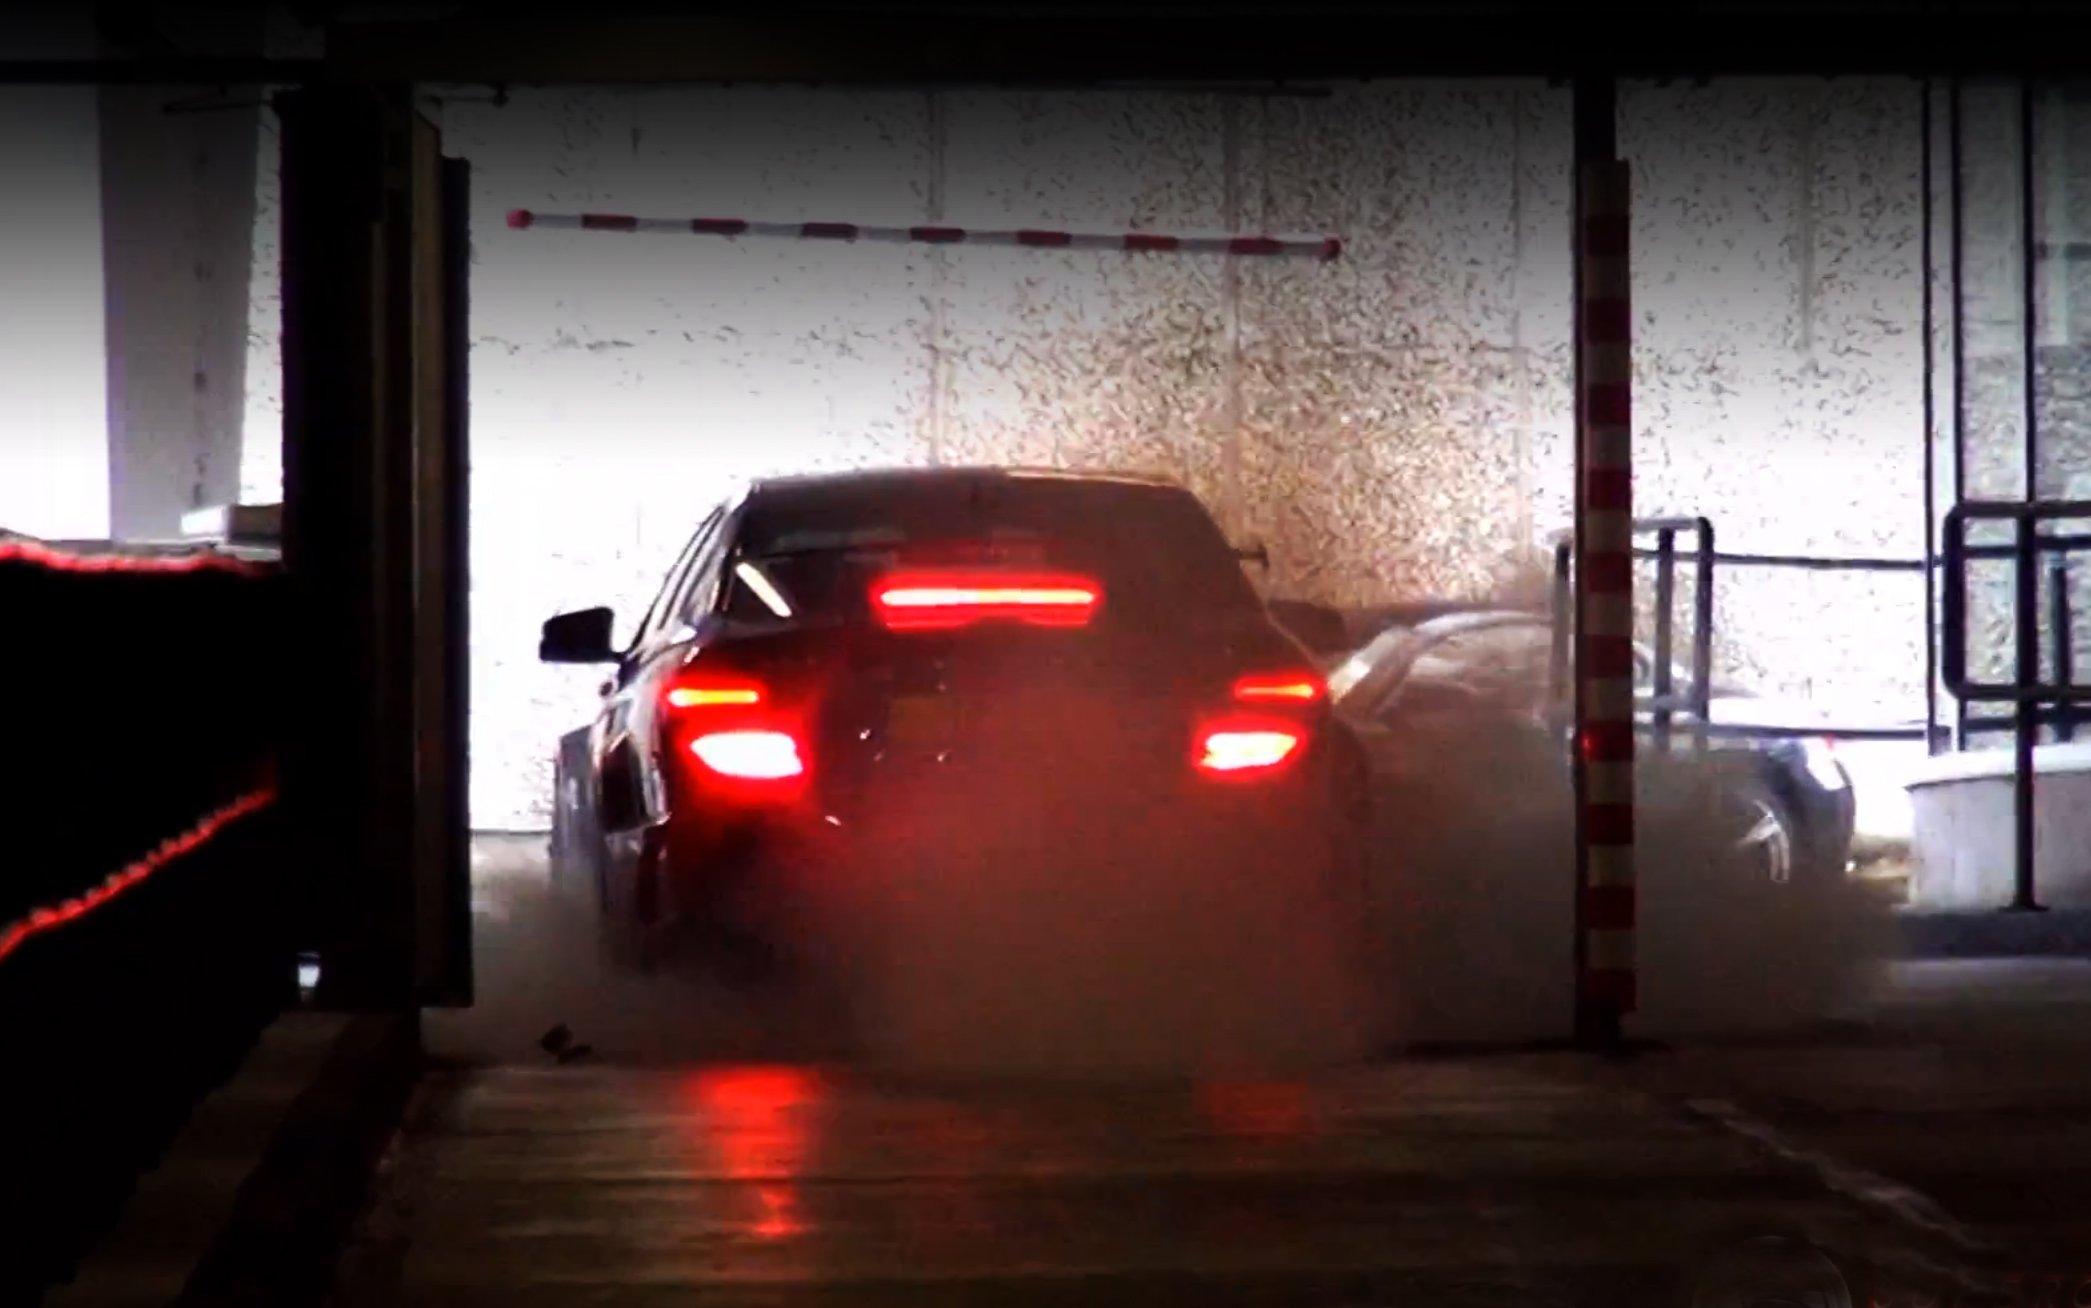 Mercedes-Benz C 63 AMG Black Series löst Feueralarm aus